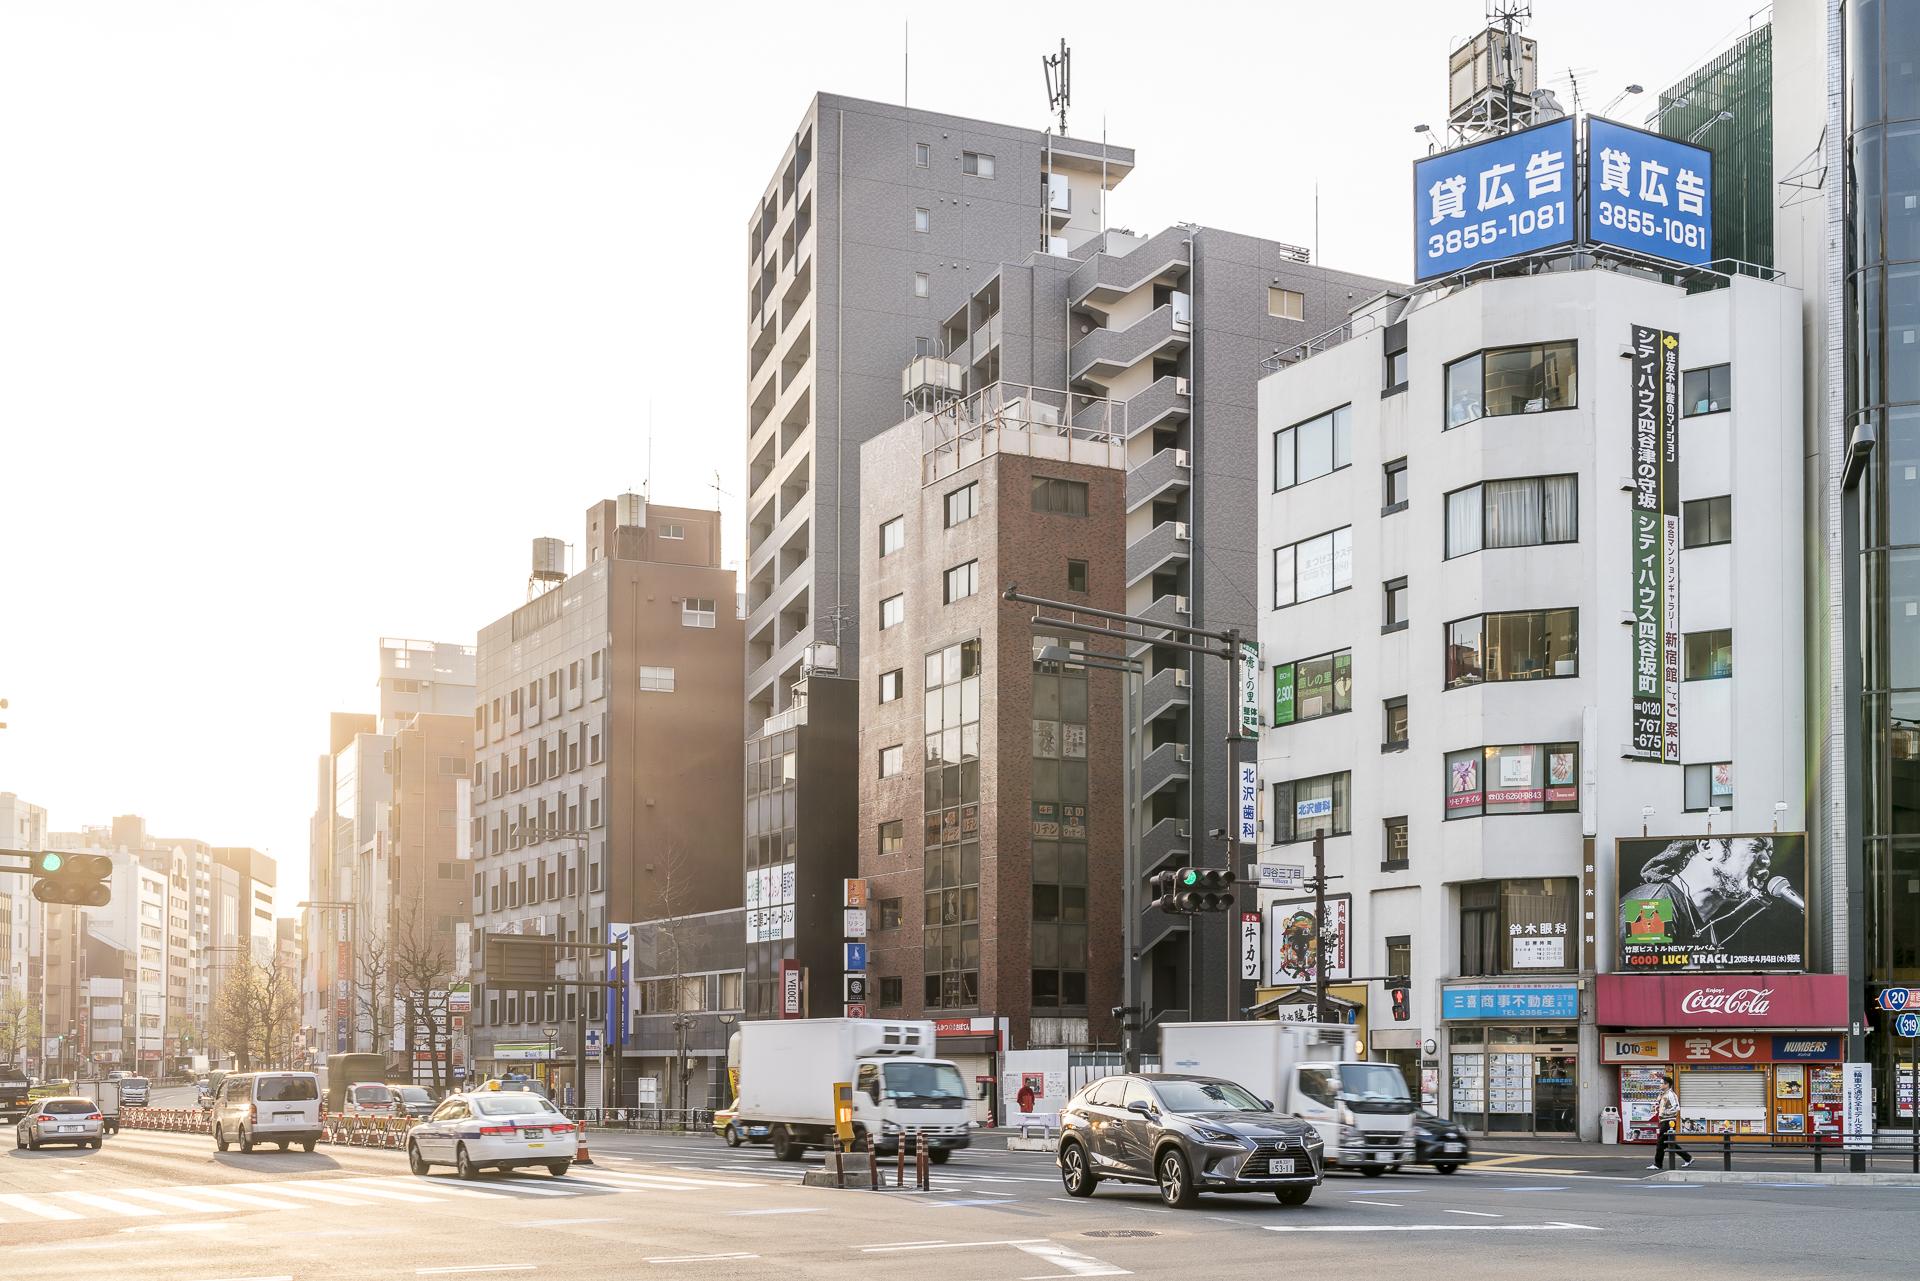 Tokio Street Life